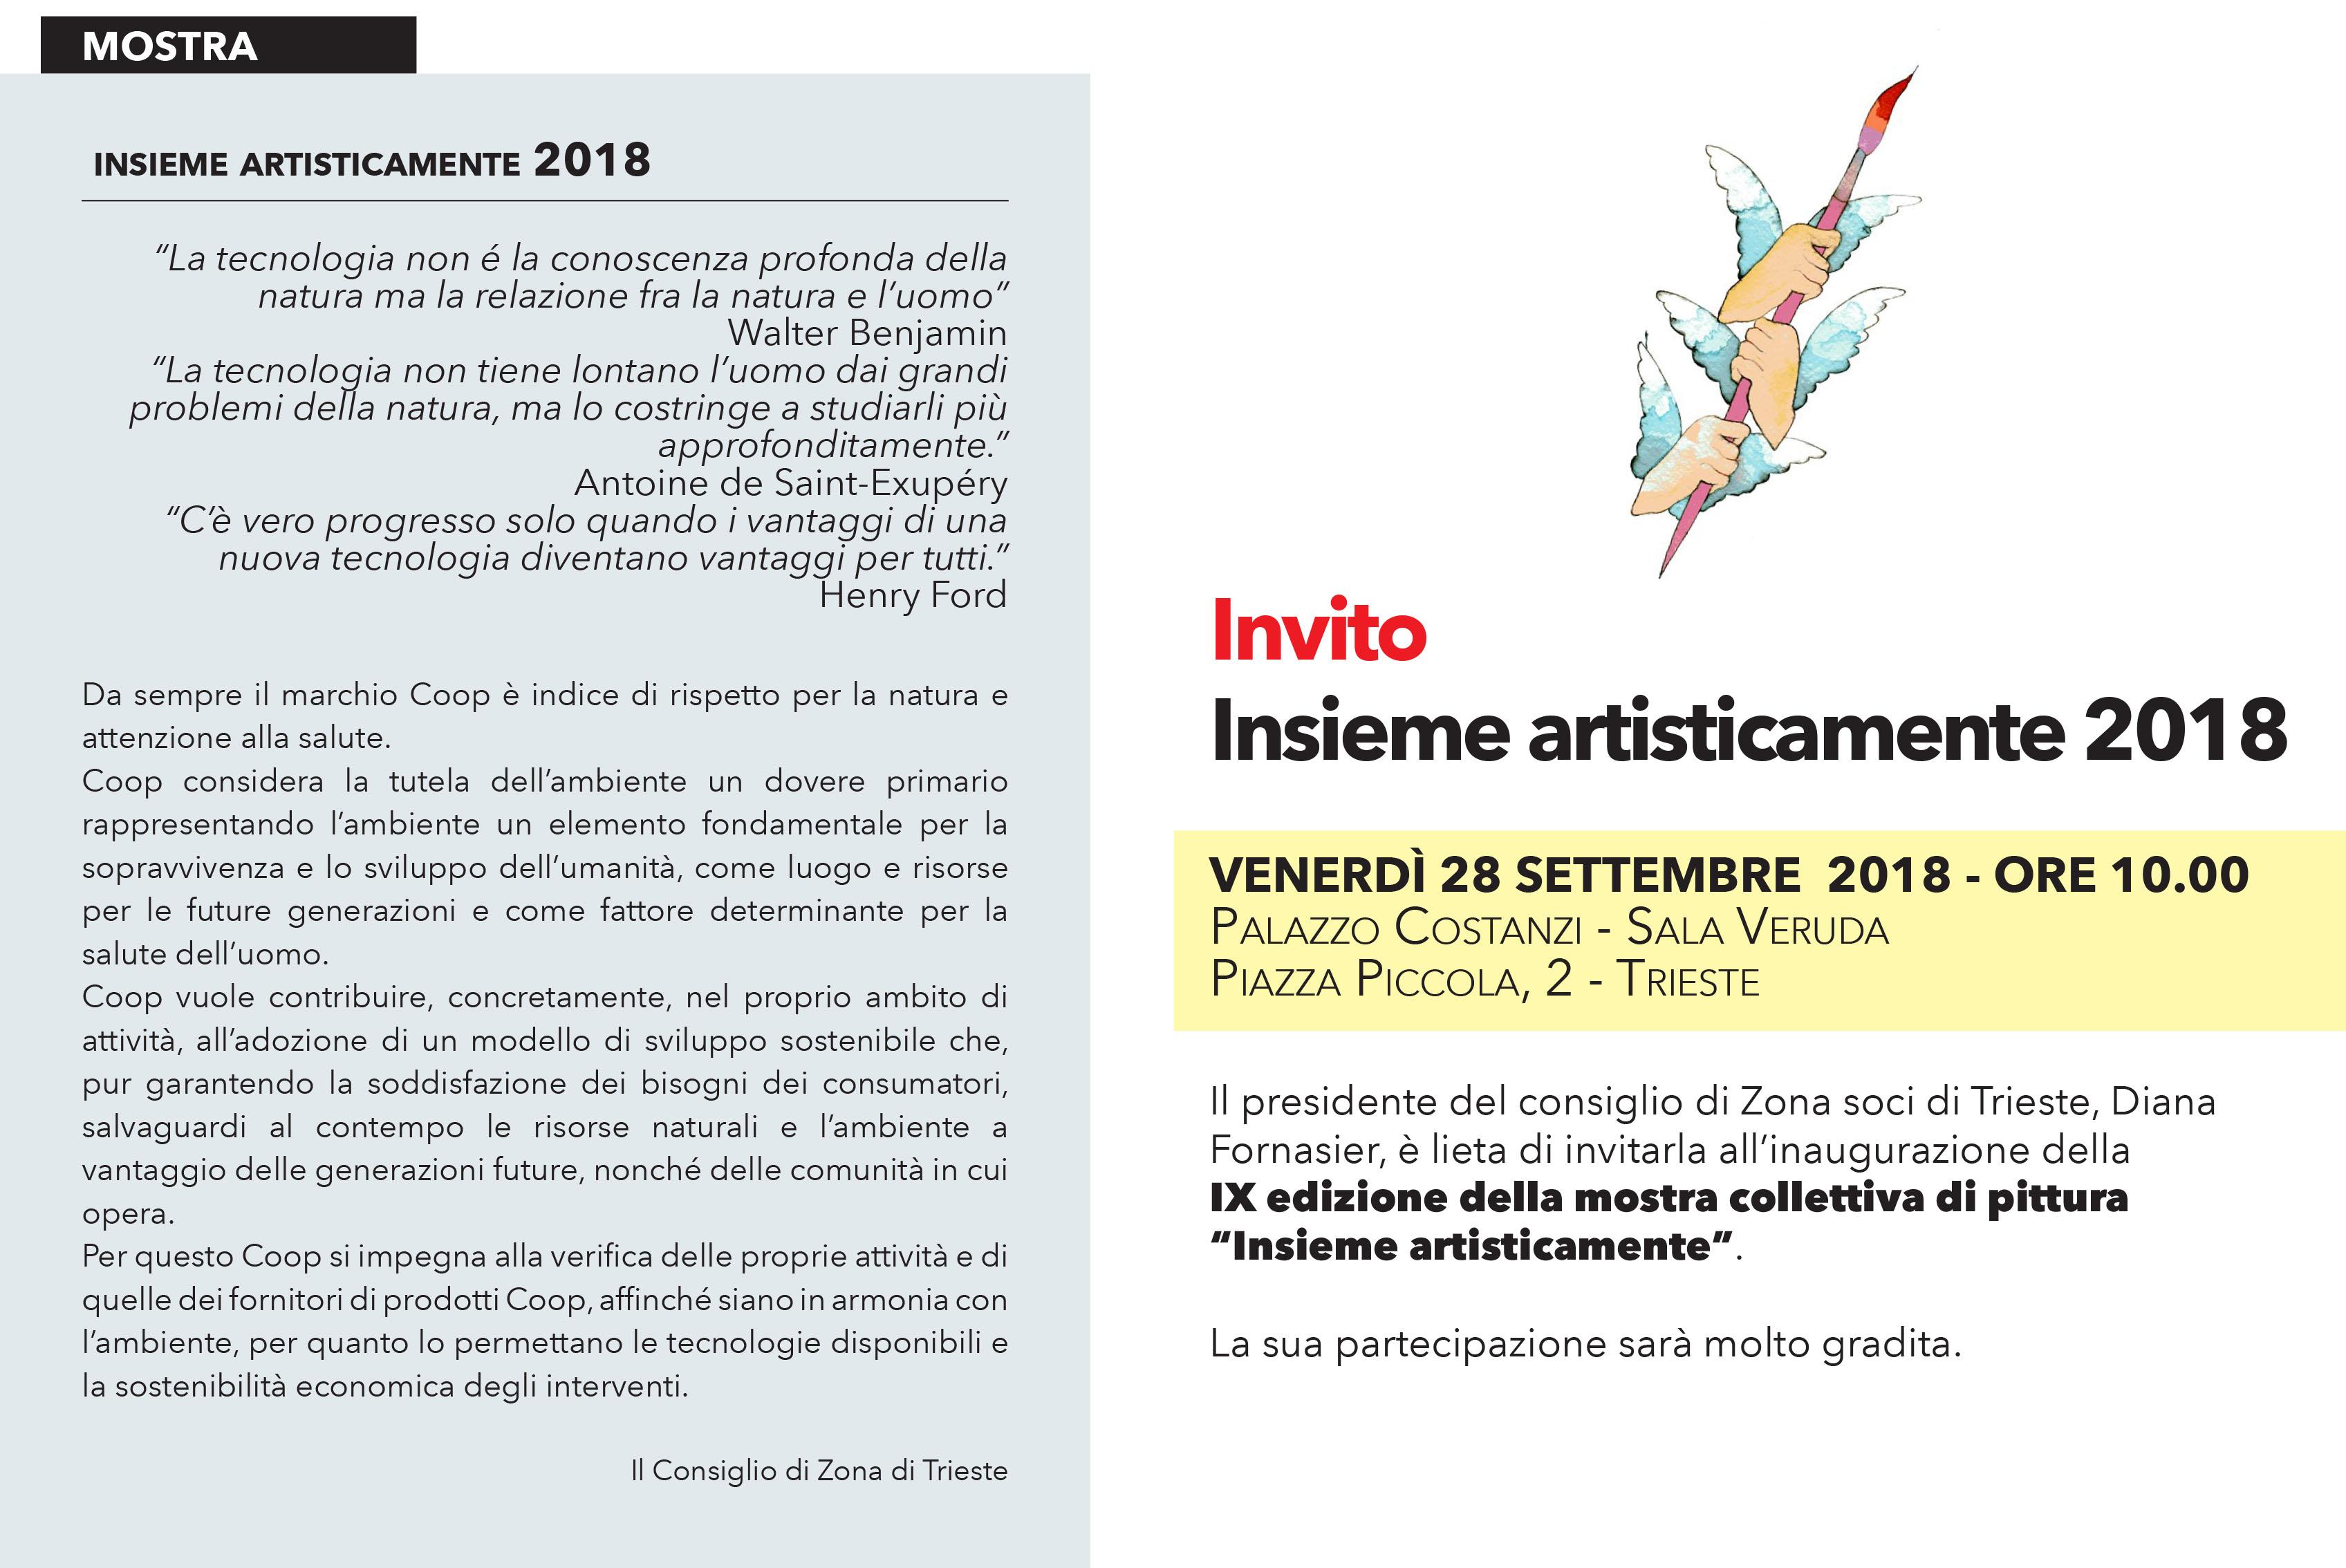 TRIESTE 2018 Invito Insieme Artisticamente - Copia-1